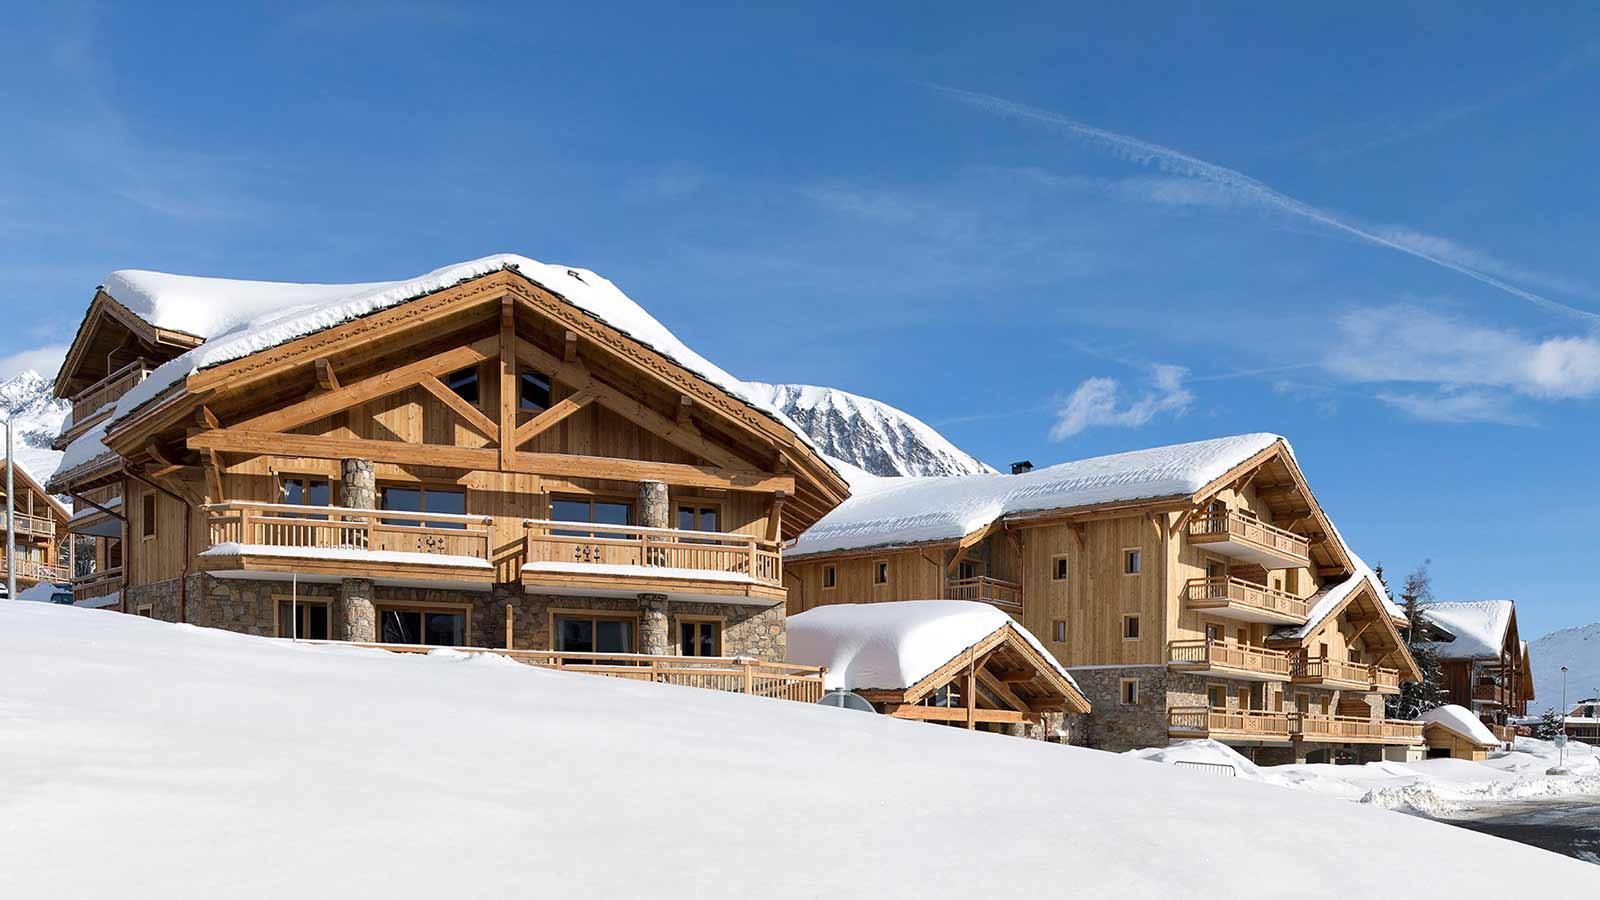 Apartments Exterior - Le Cristal de l'Alpe Apartments